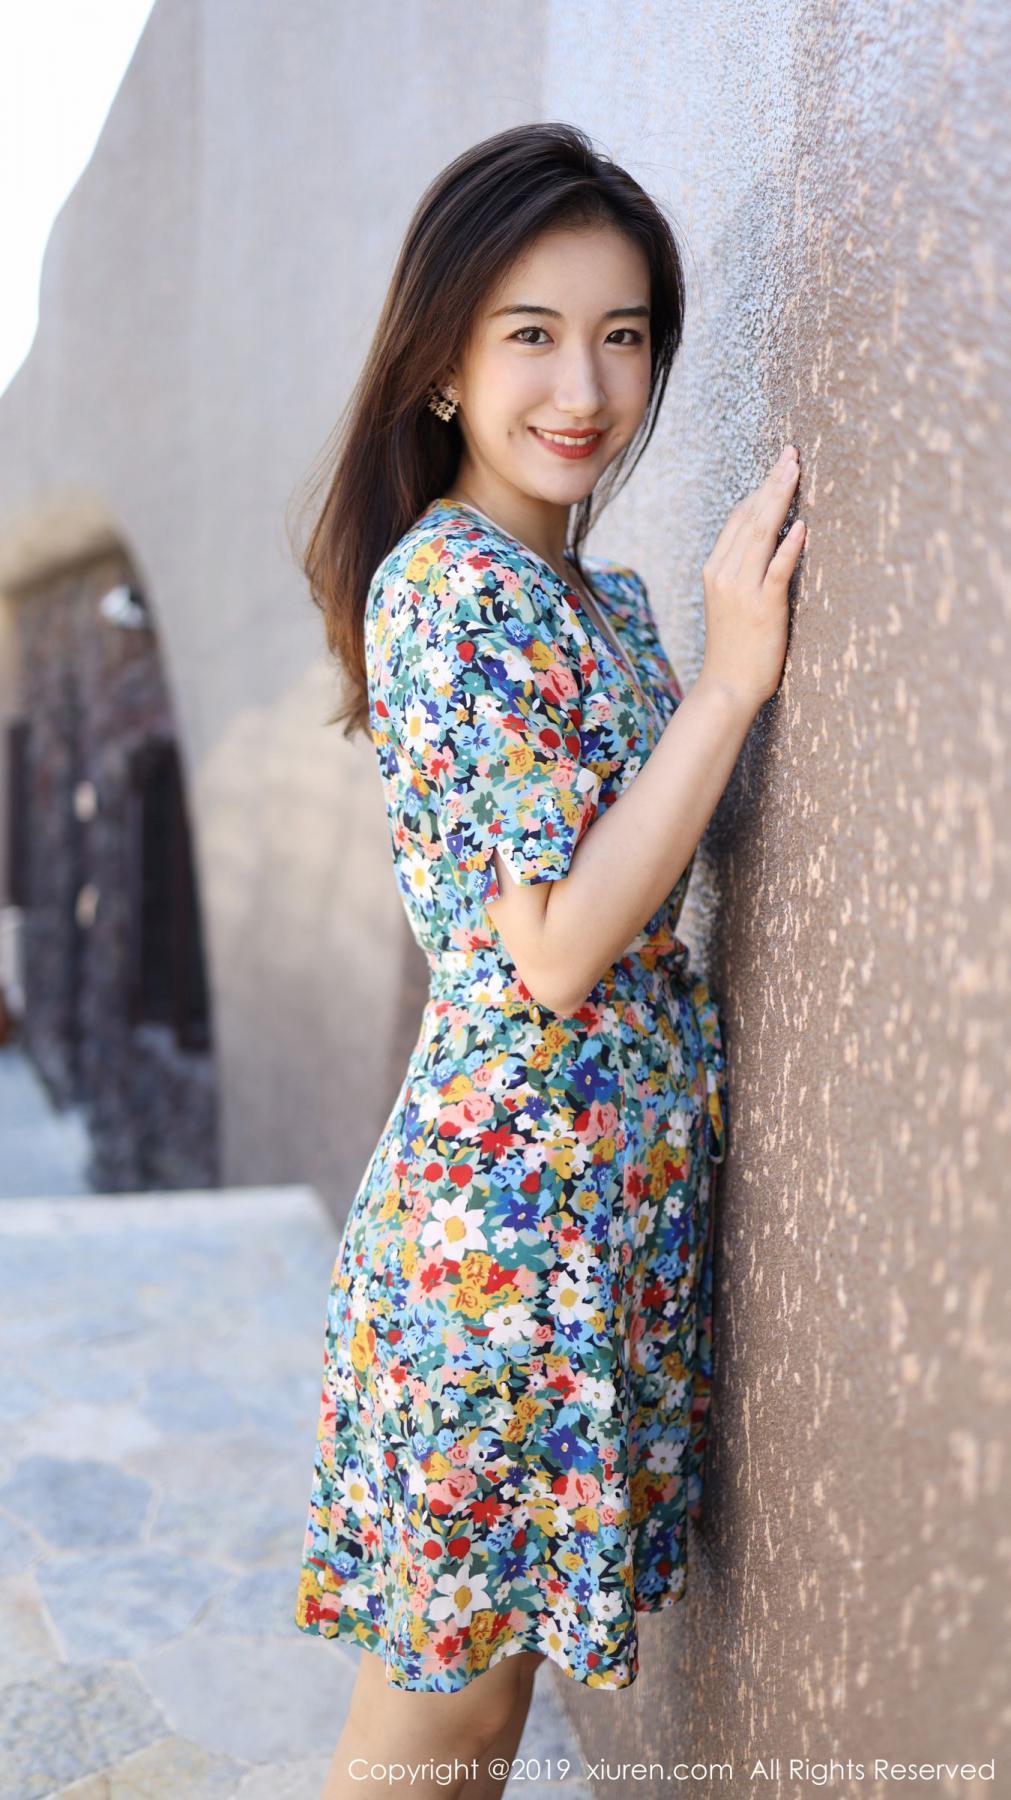 [XiuRen] Vol.1641 Gong Tian Yi 18P, Gong Tian Yi, Pretty, Temperament, Xiuren